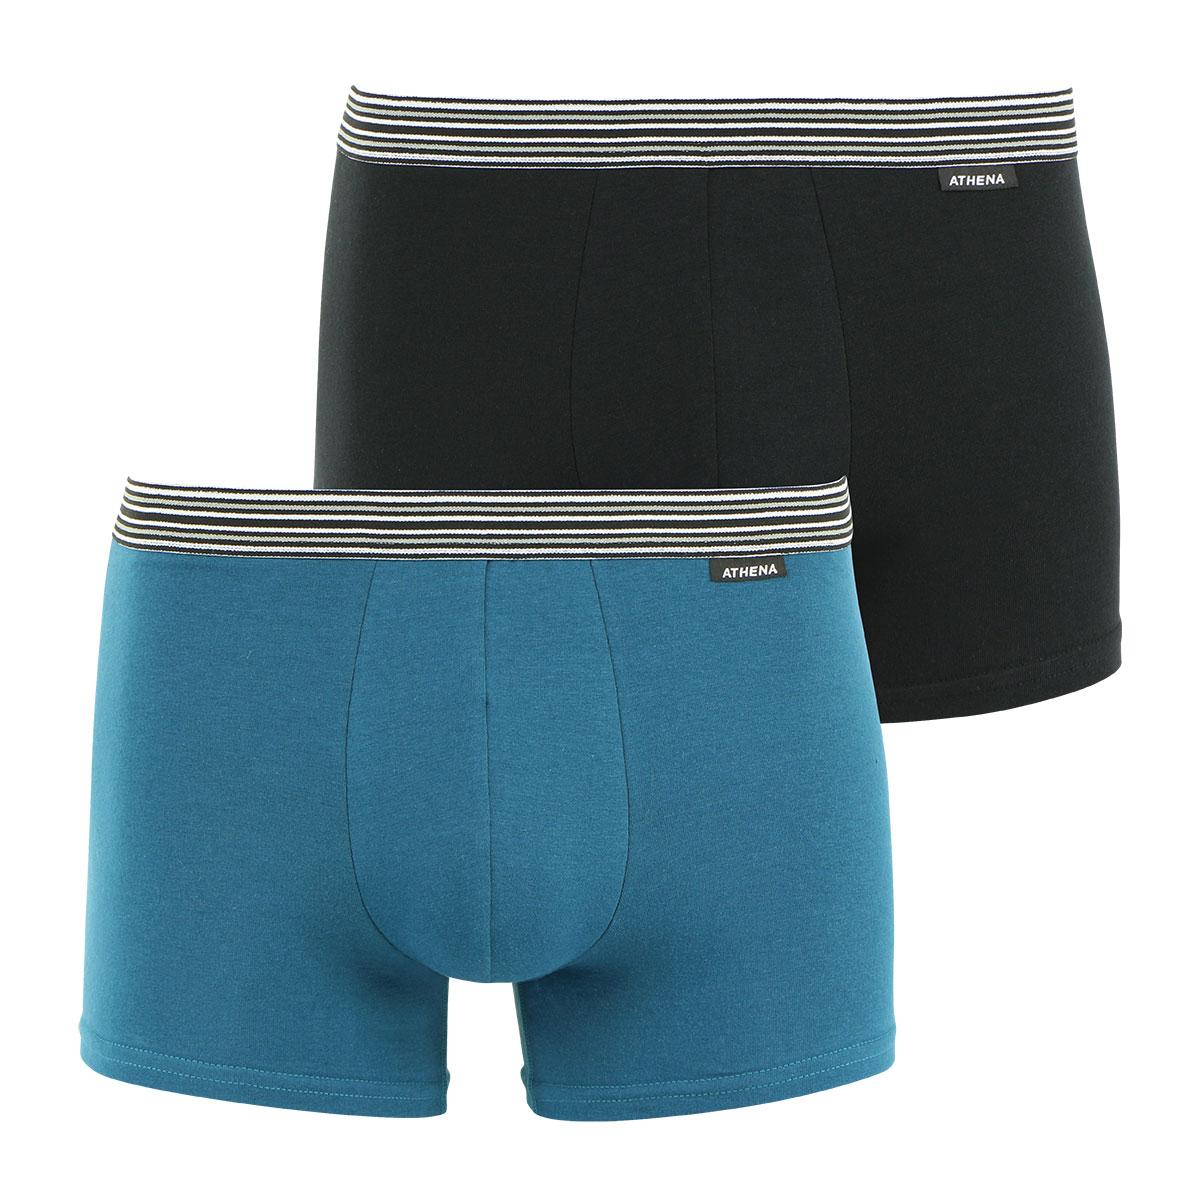 Lot de 2 boxers homme Eco Prix Athena. Boxers homme X2 ATHENA ECO PACK en coton extensible    Athena ECO PACK est une gamme de  sous-vêtements d